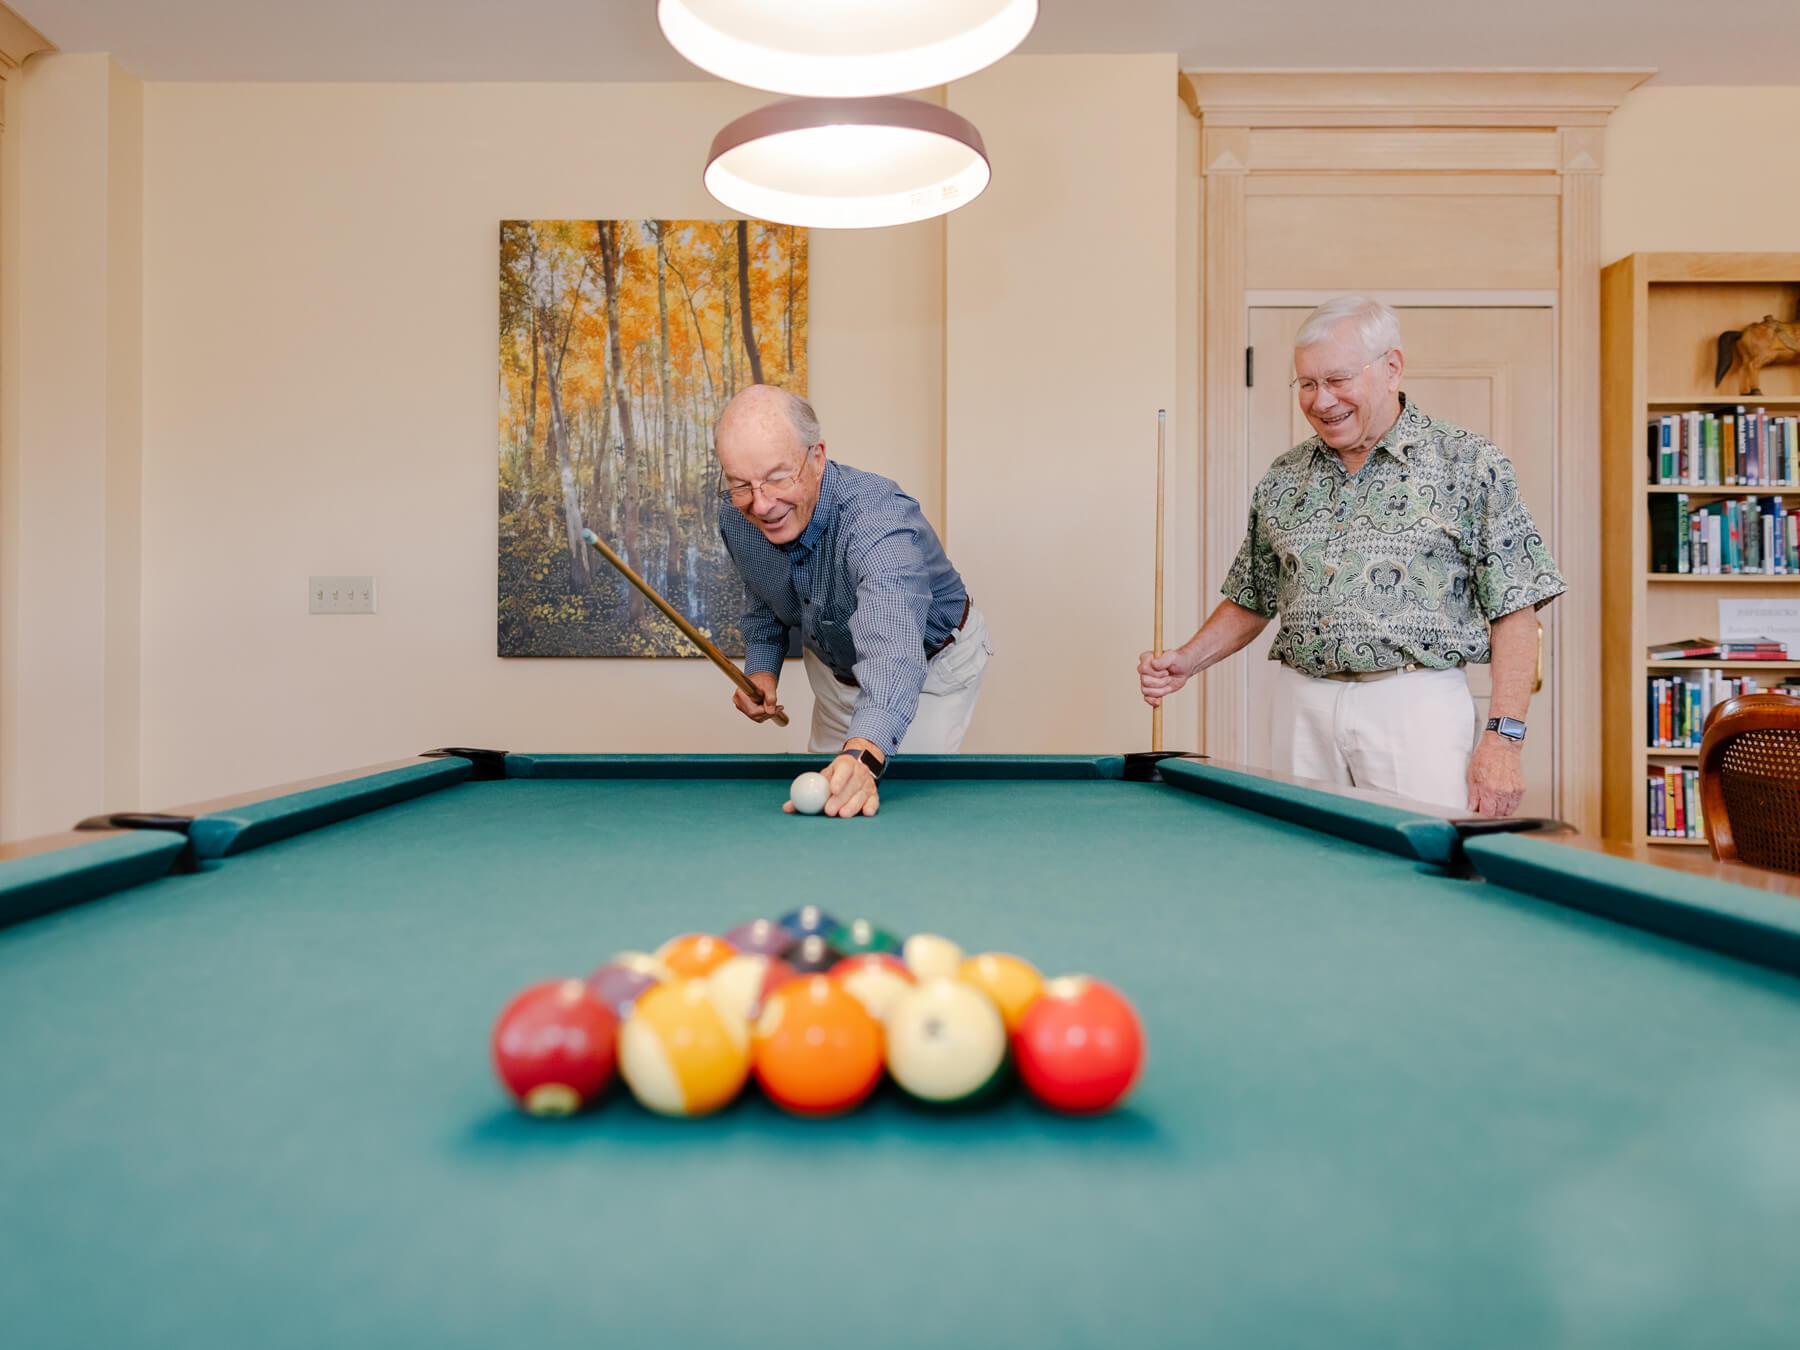 Men playing billards